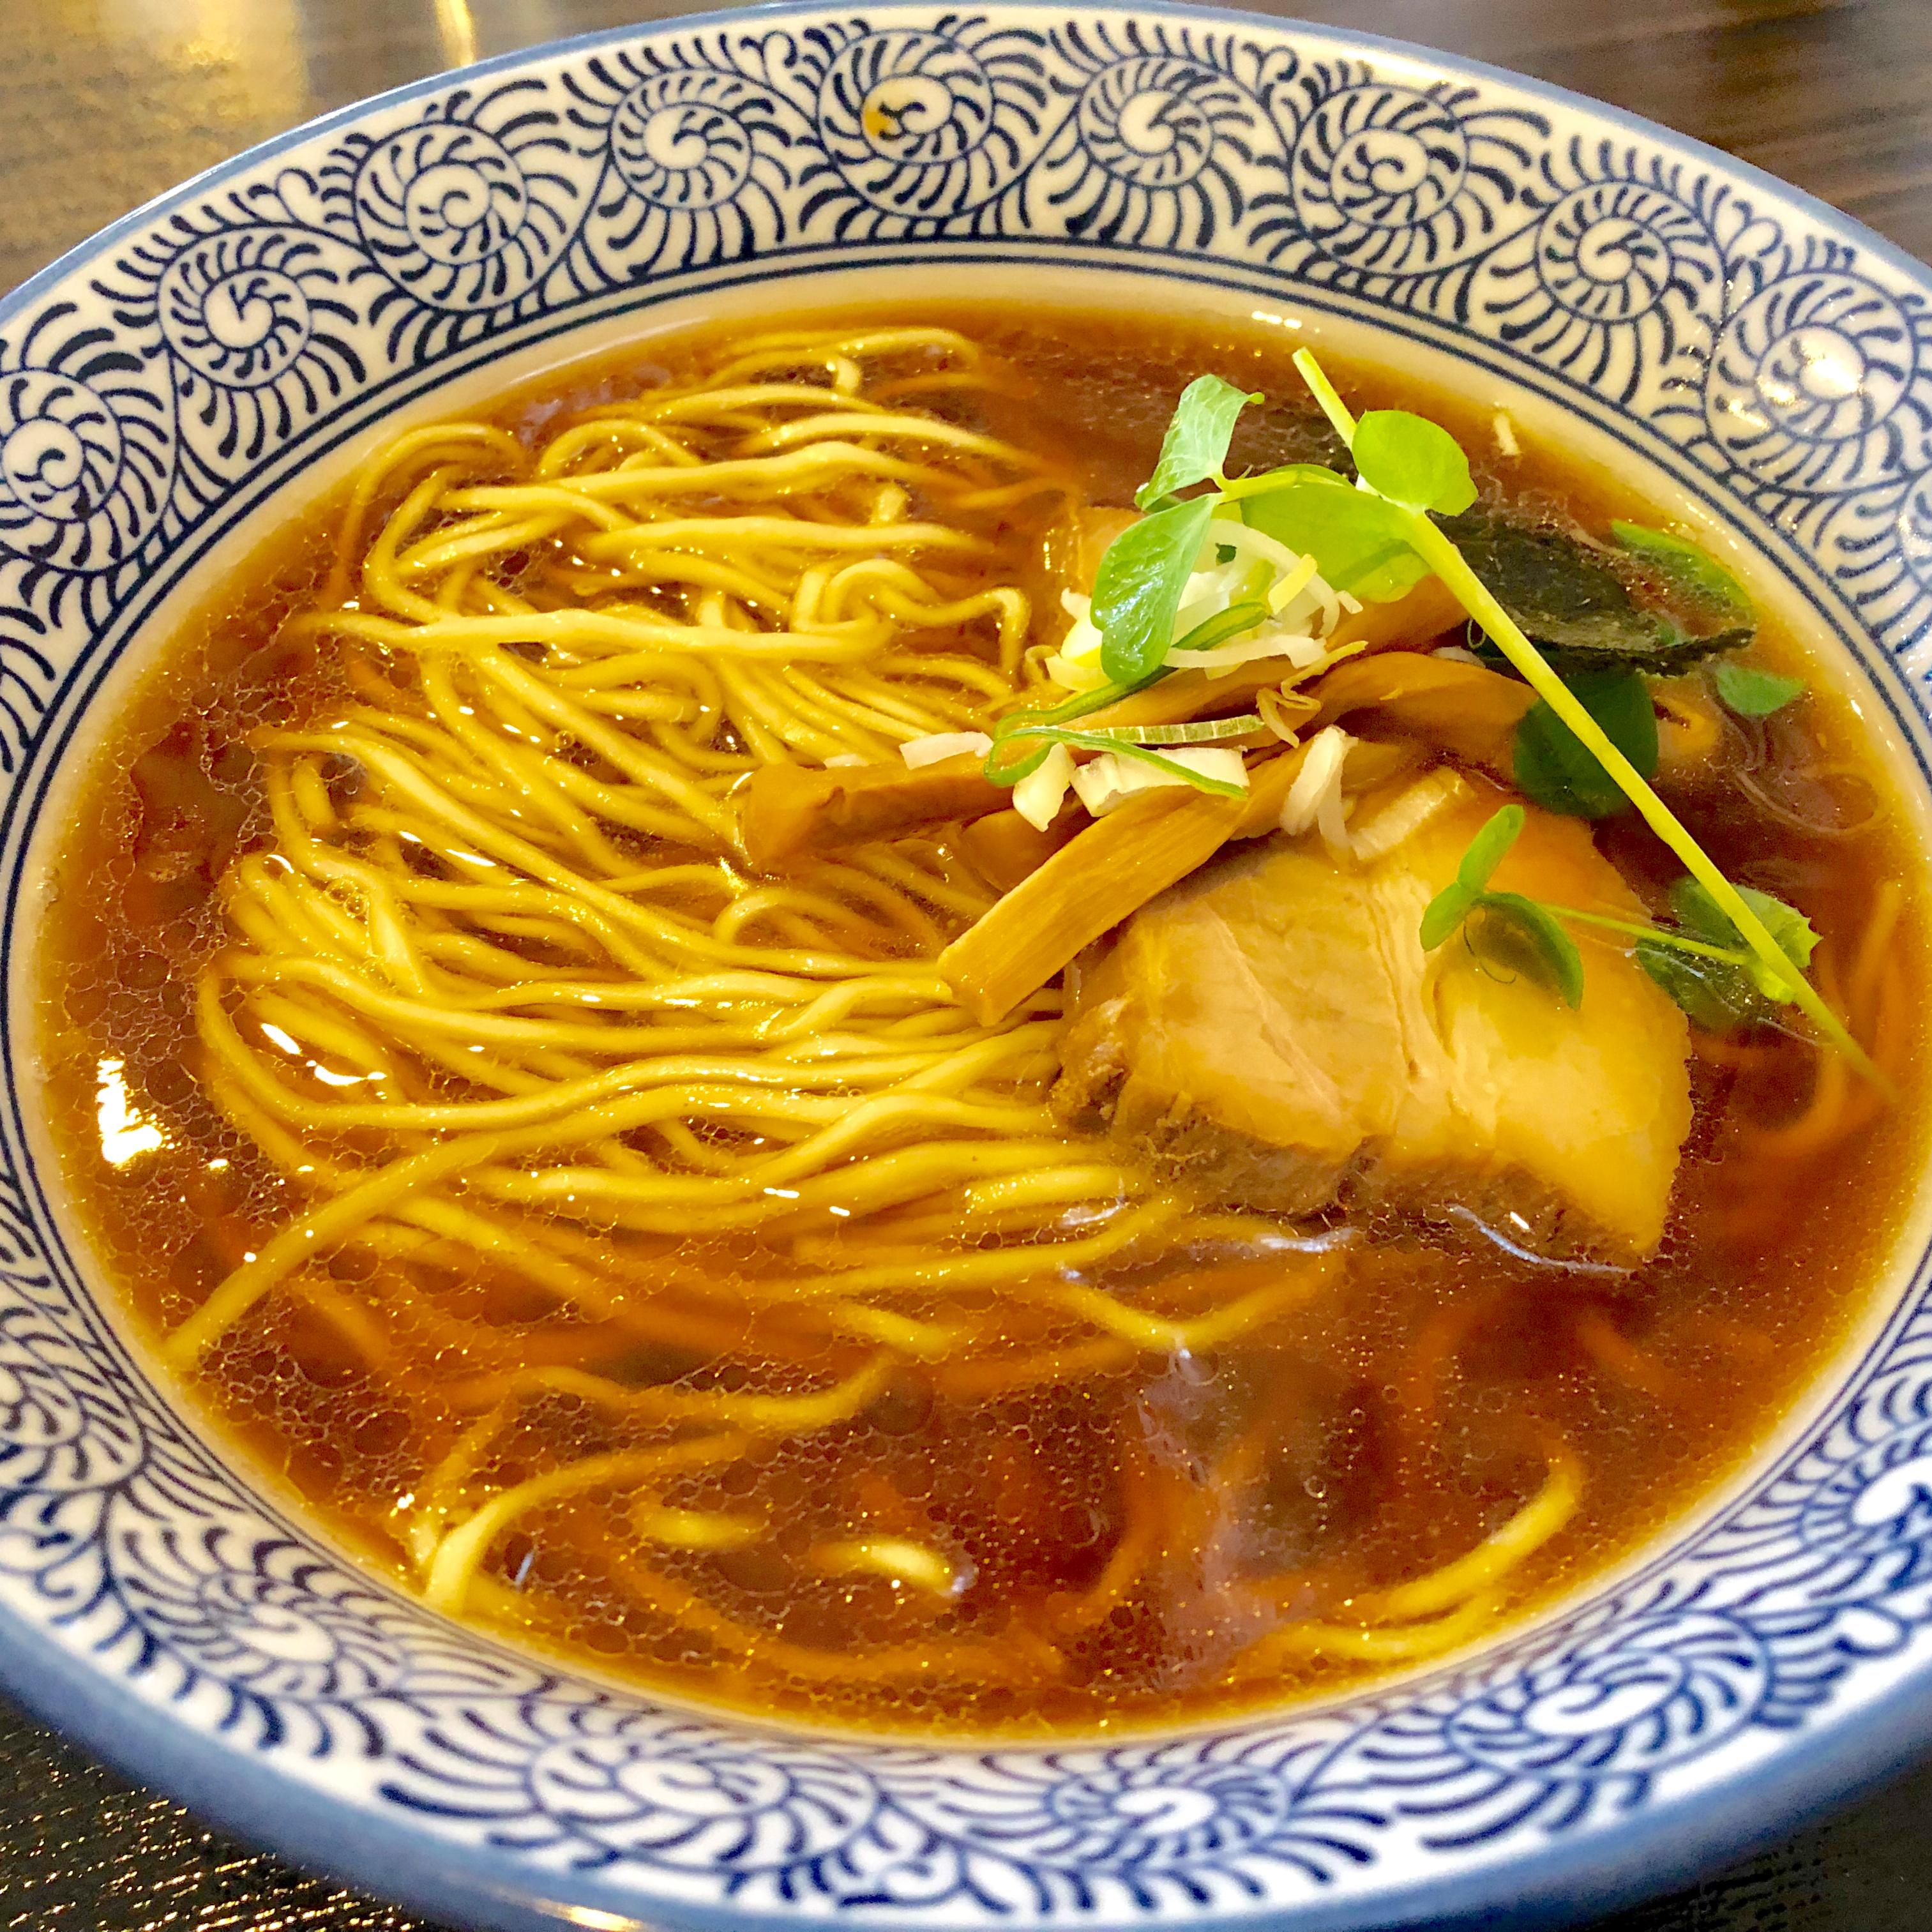 伊奈町・麺処いぐさ|煮干し×醤油の中華そばがおすすめ!